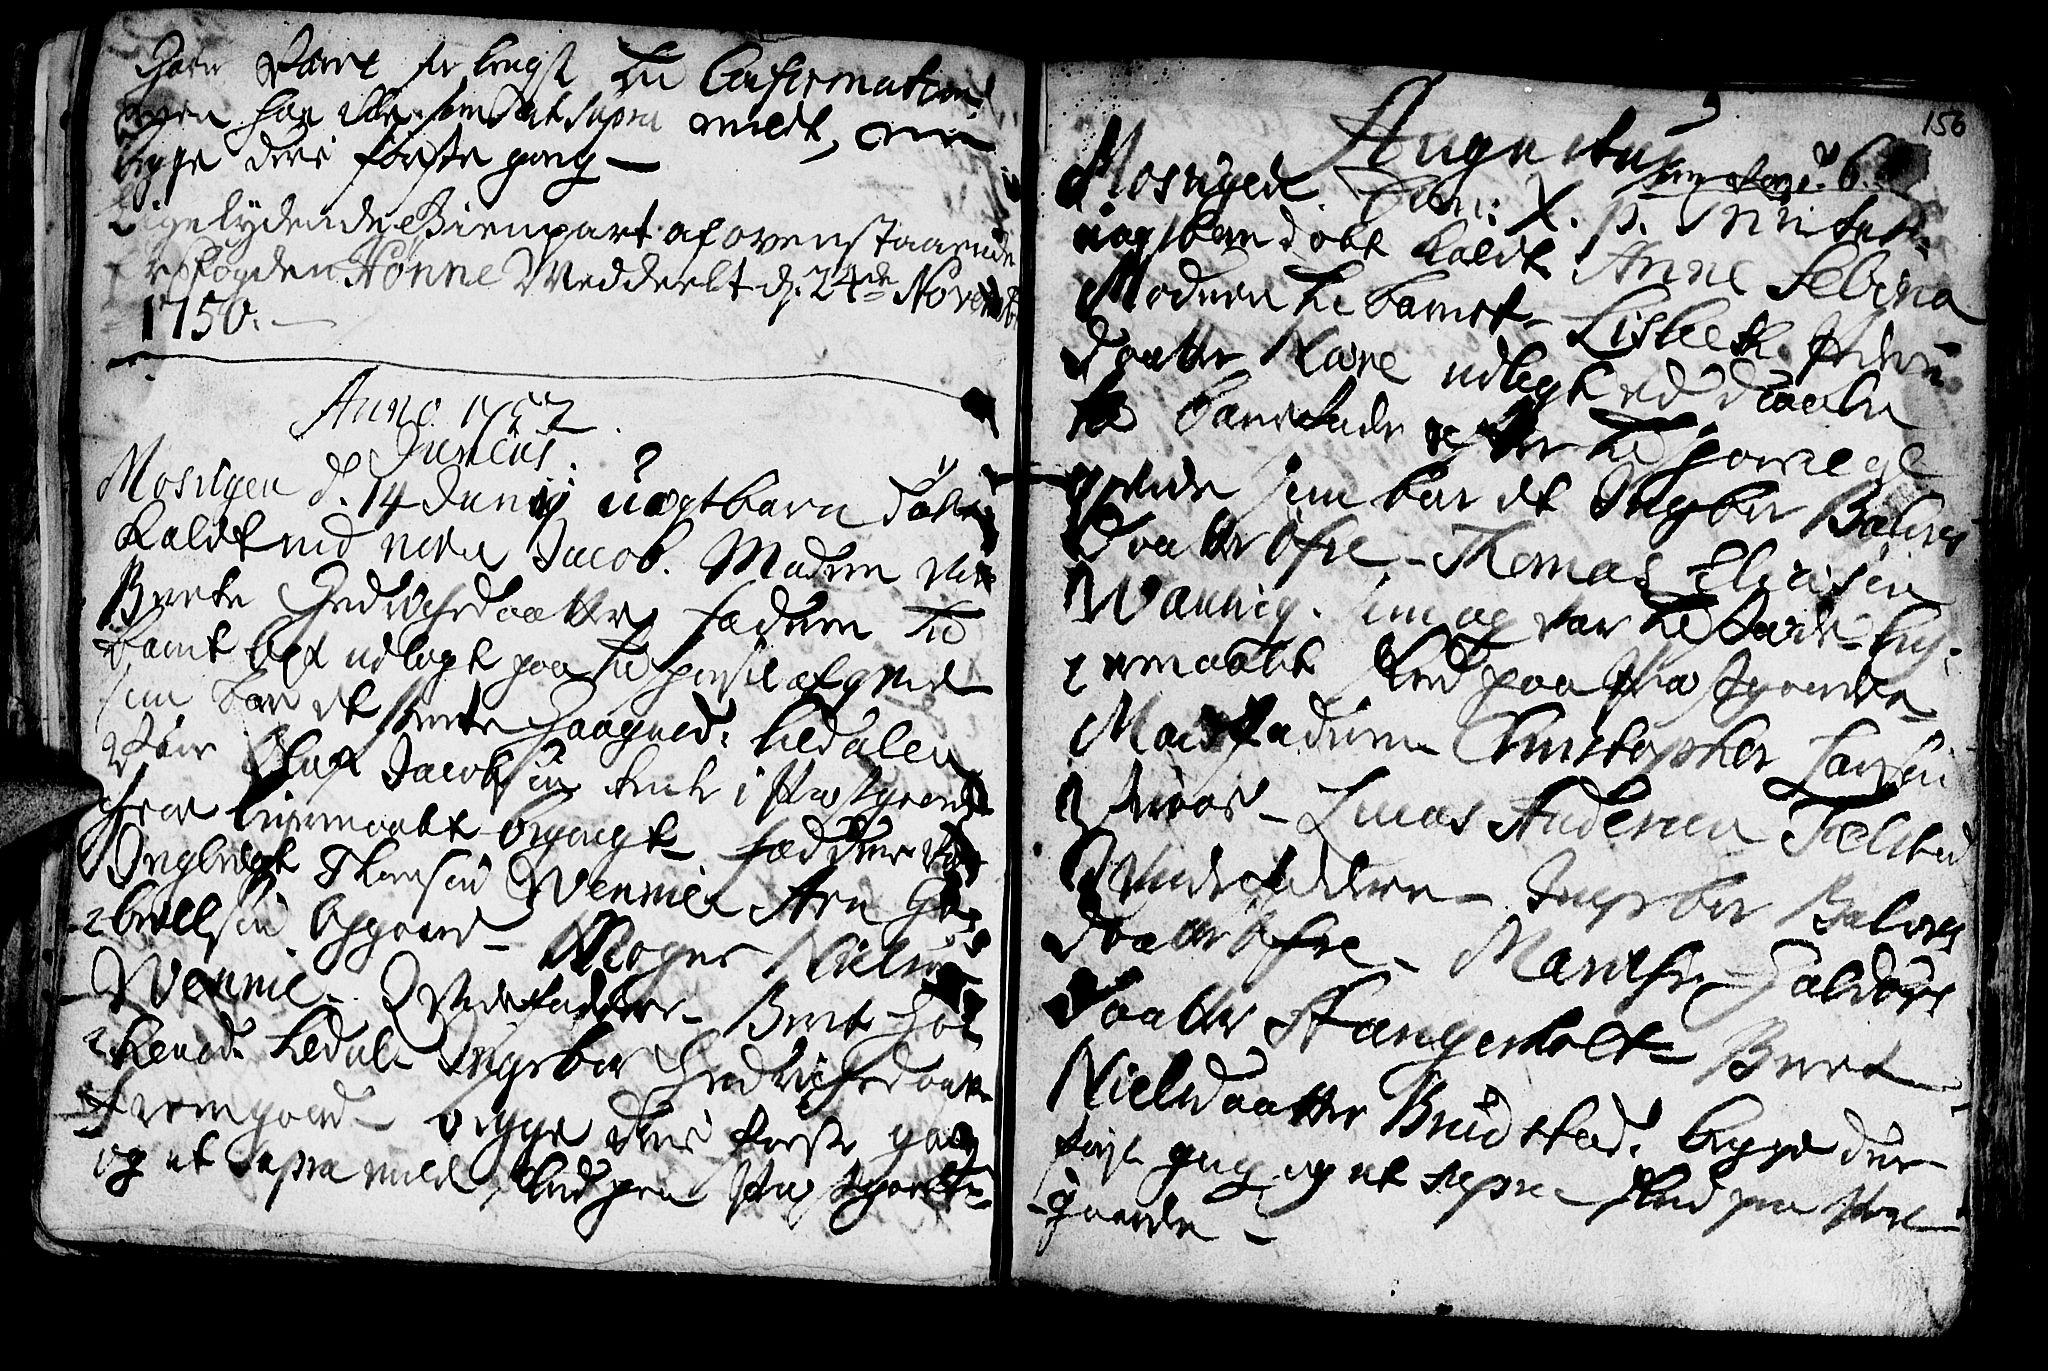 SAT, Ministerialprotokoller, klokkerbøker og fødselsregistre - Nord-Trøndelag, 722/L0215: Ministerialbok nr. 722A02, 1718-1755, s. 156